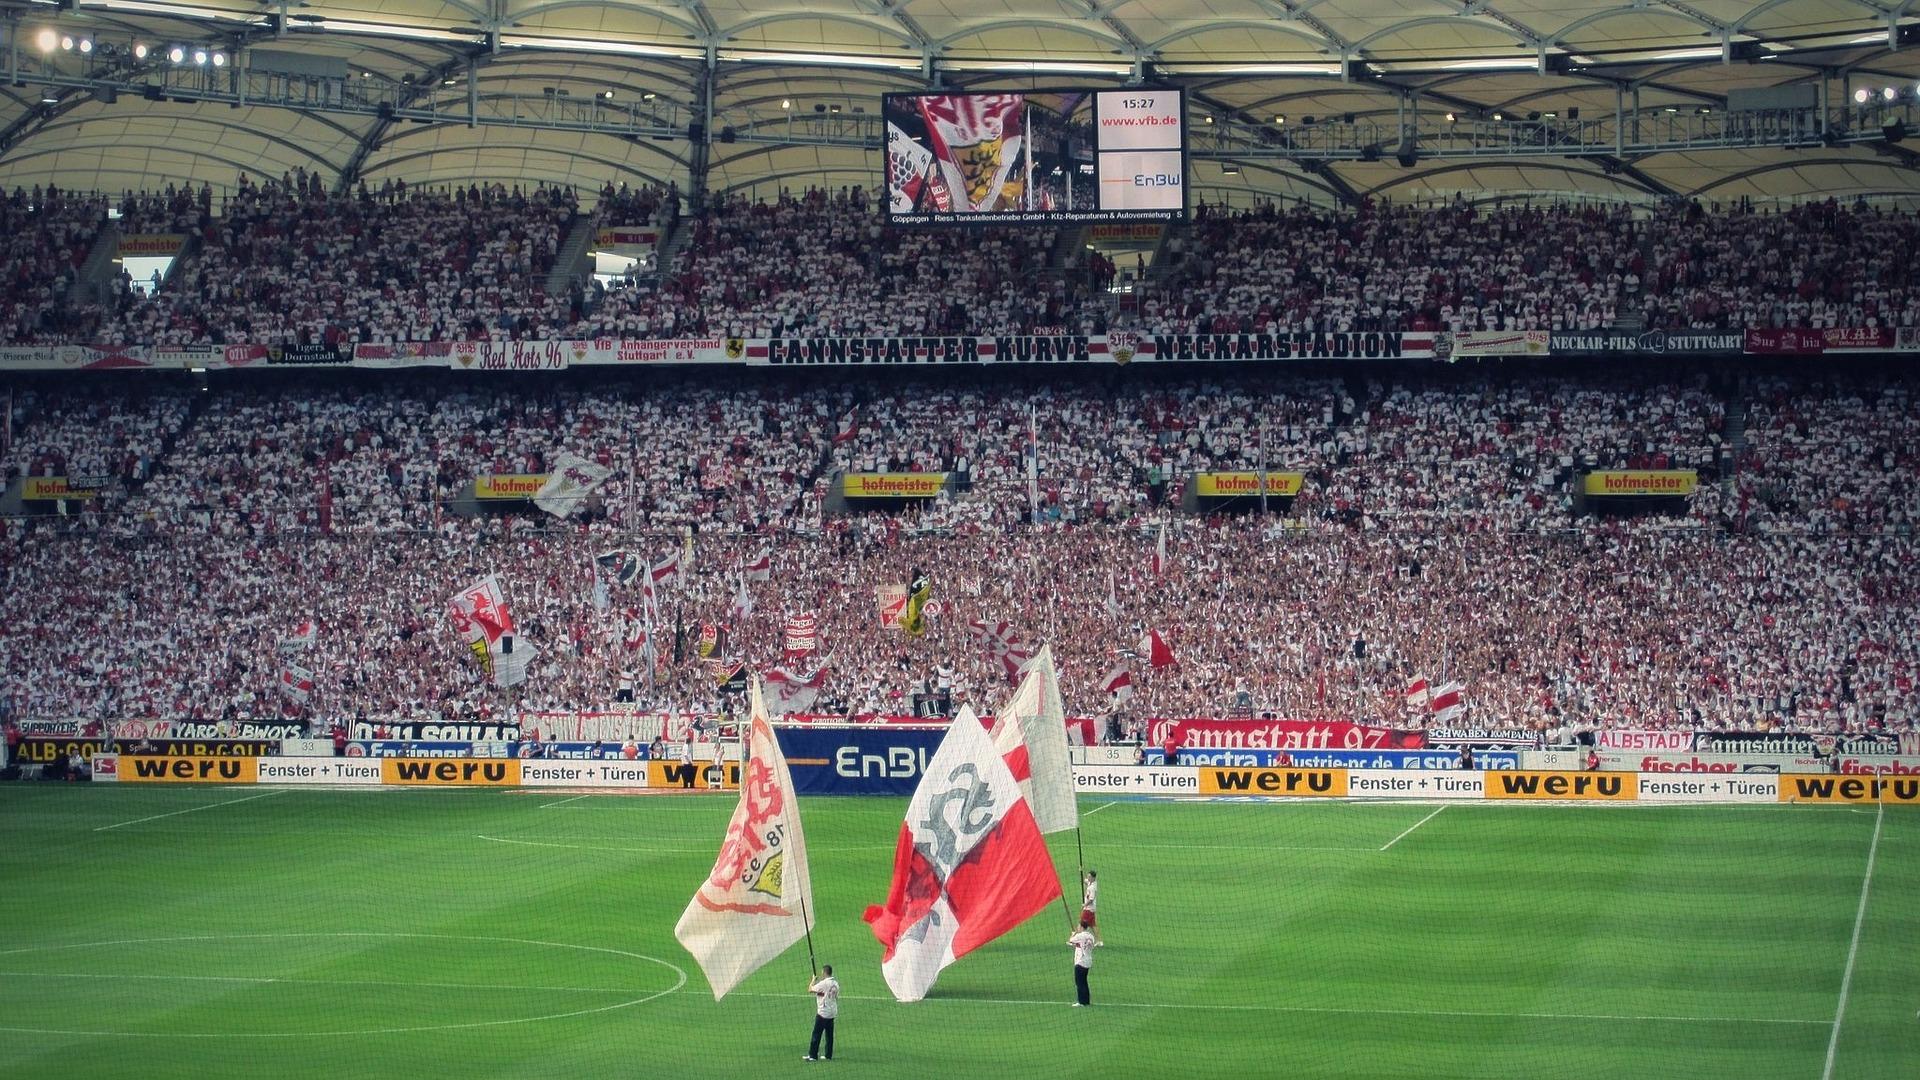 Mercedes Benz Arena in Stuttgart - Bundesliga